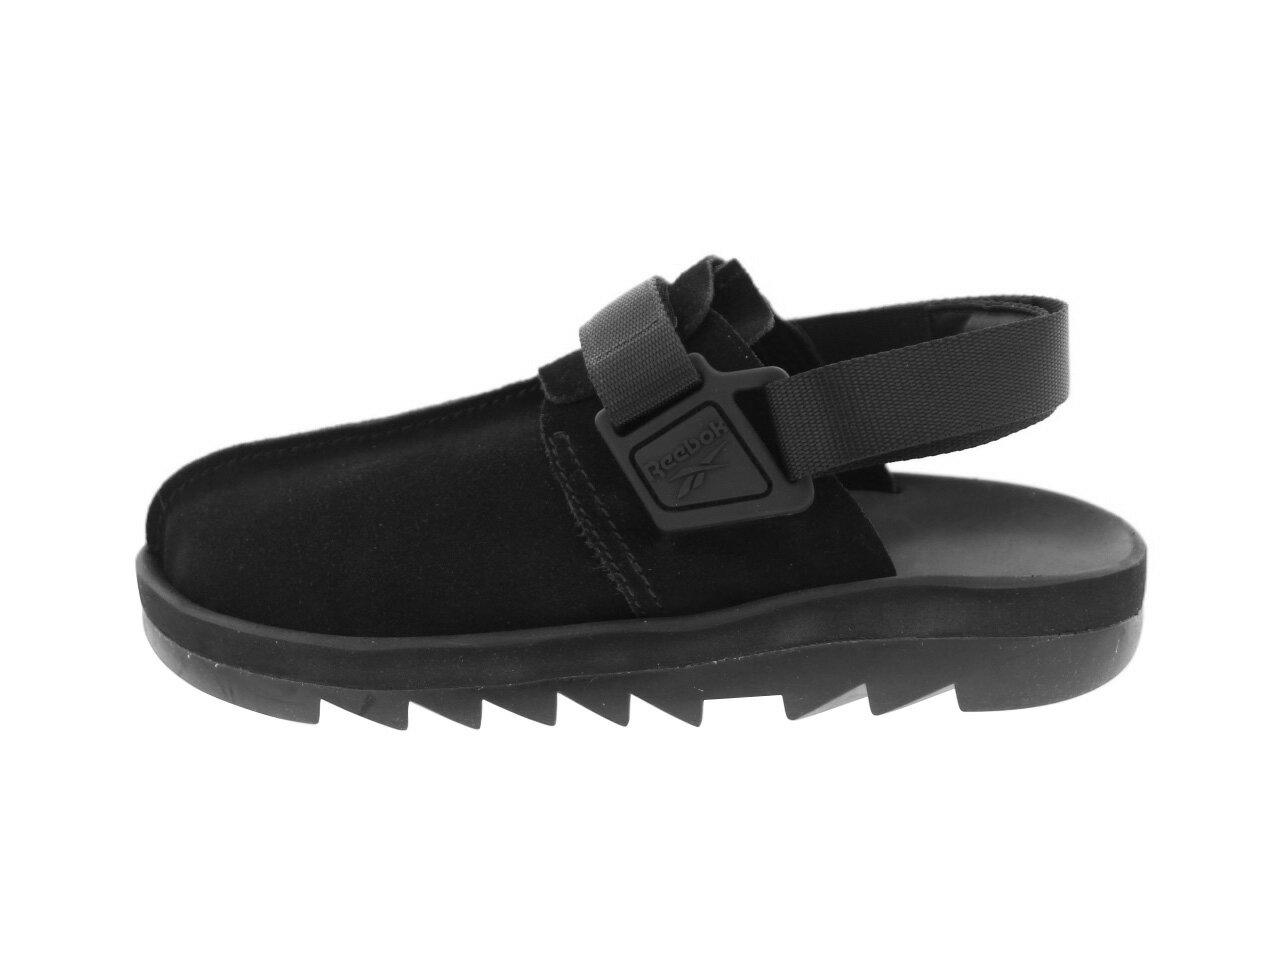 Reebok BEATNIK(CN3732)BLACK/BLACK【リーボック ビートニック】【靴】【サンダル】【アウトドア】【Reebok CLASSIC】